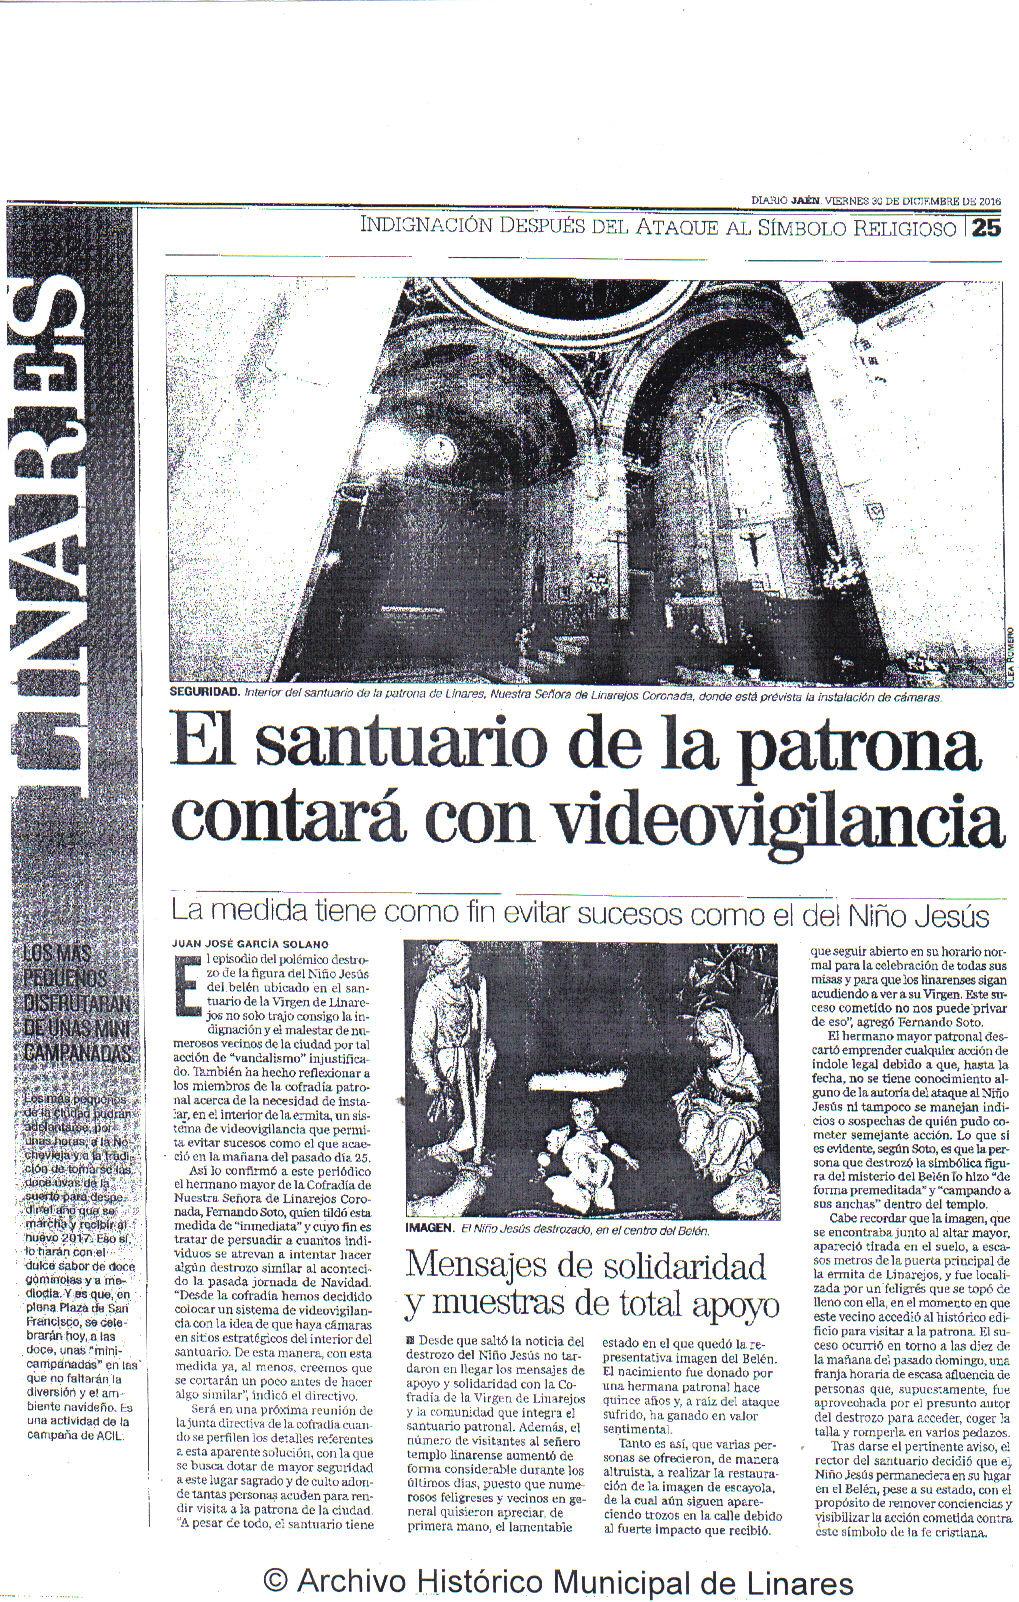 noticuas-prensa-30-diciembre-diario-jaen